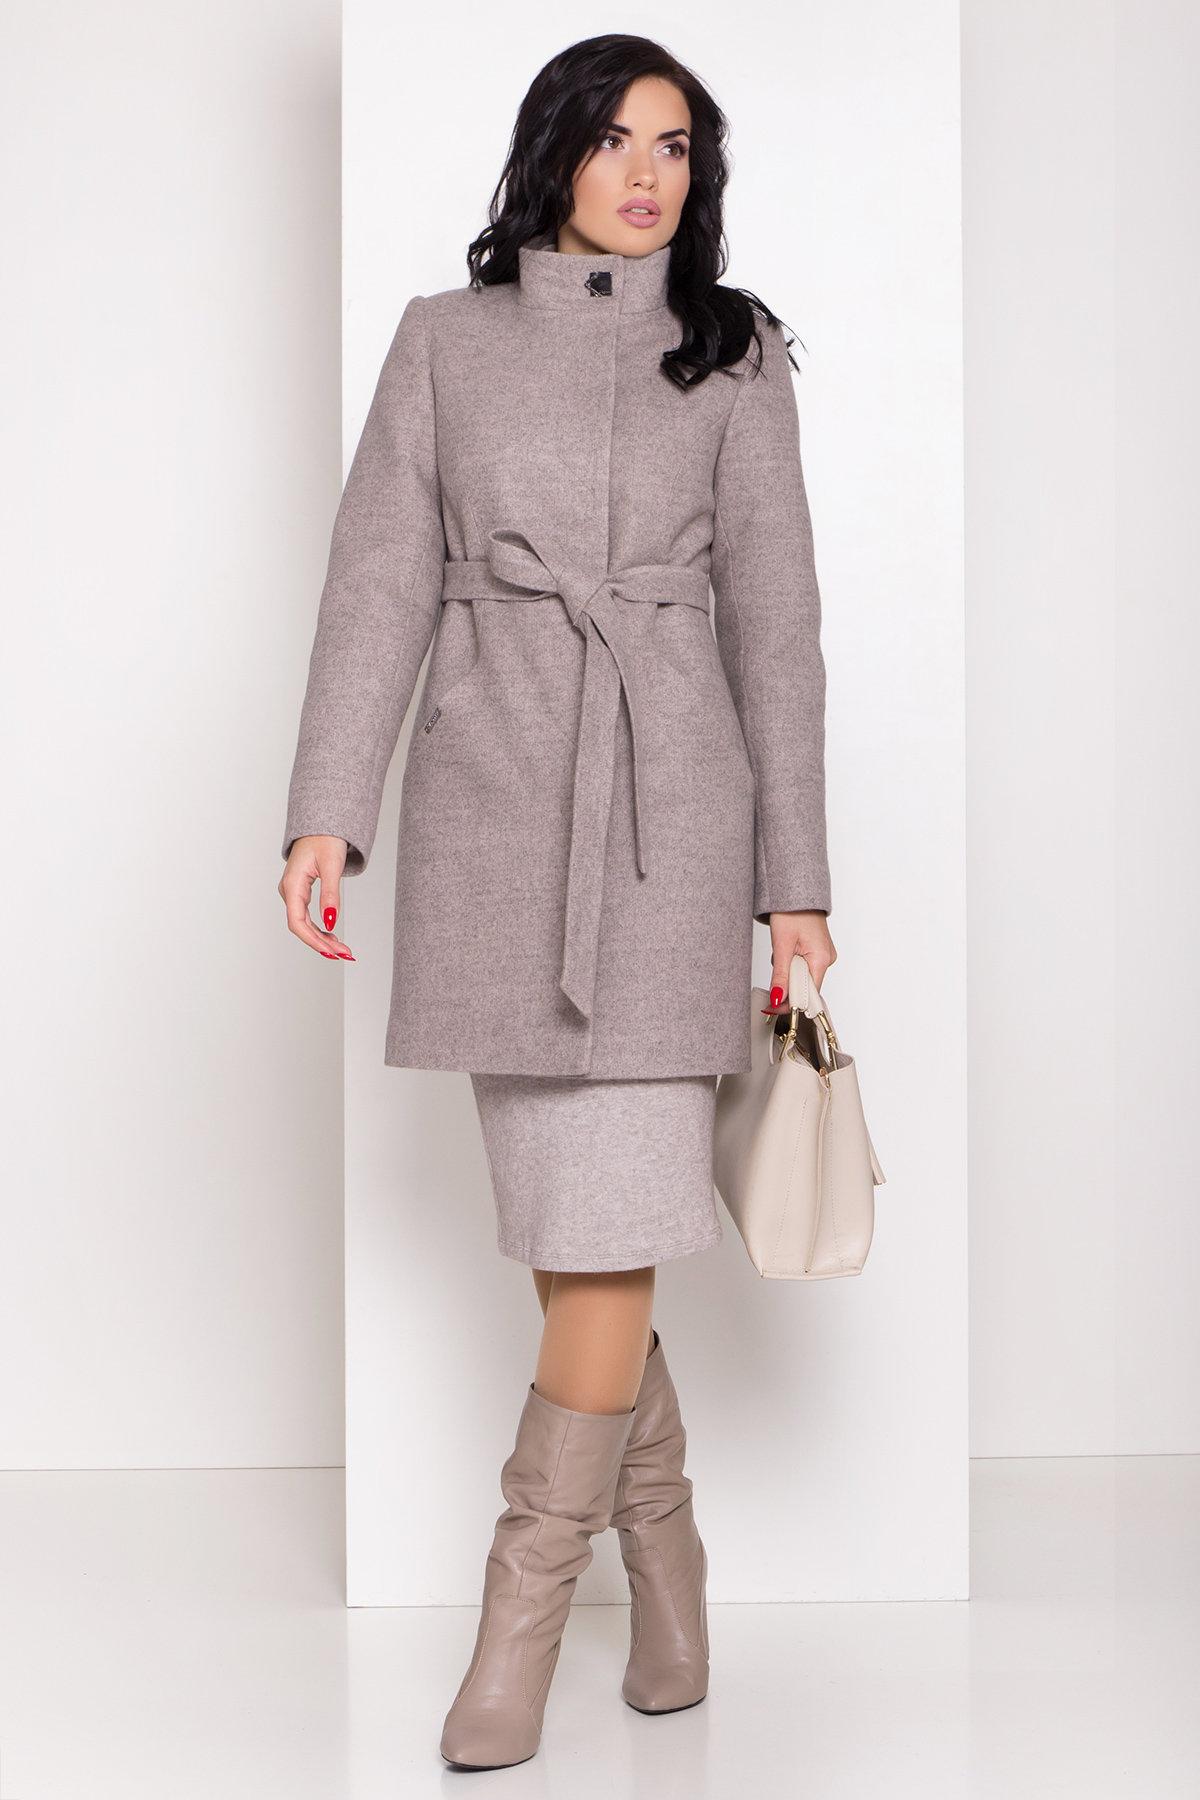 Зимнее пальто с круговым шарфом  Сплит 8406 АРТ. 44632 Цвет: Бежевый 31 - фото 4, интернет магазин tm-modus.ru